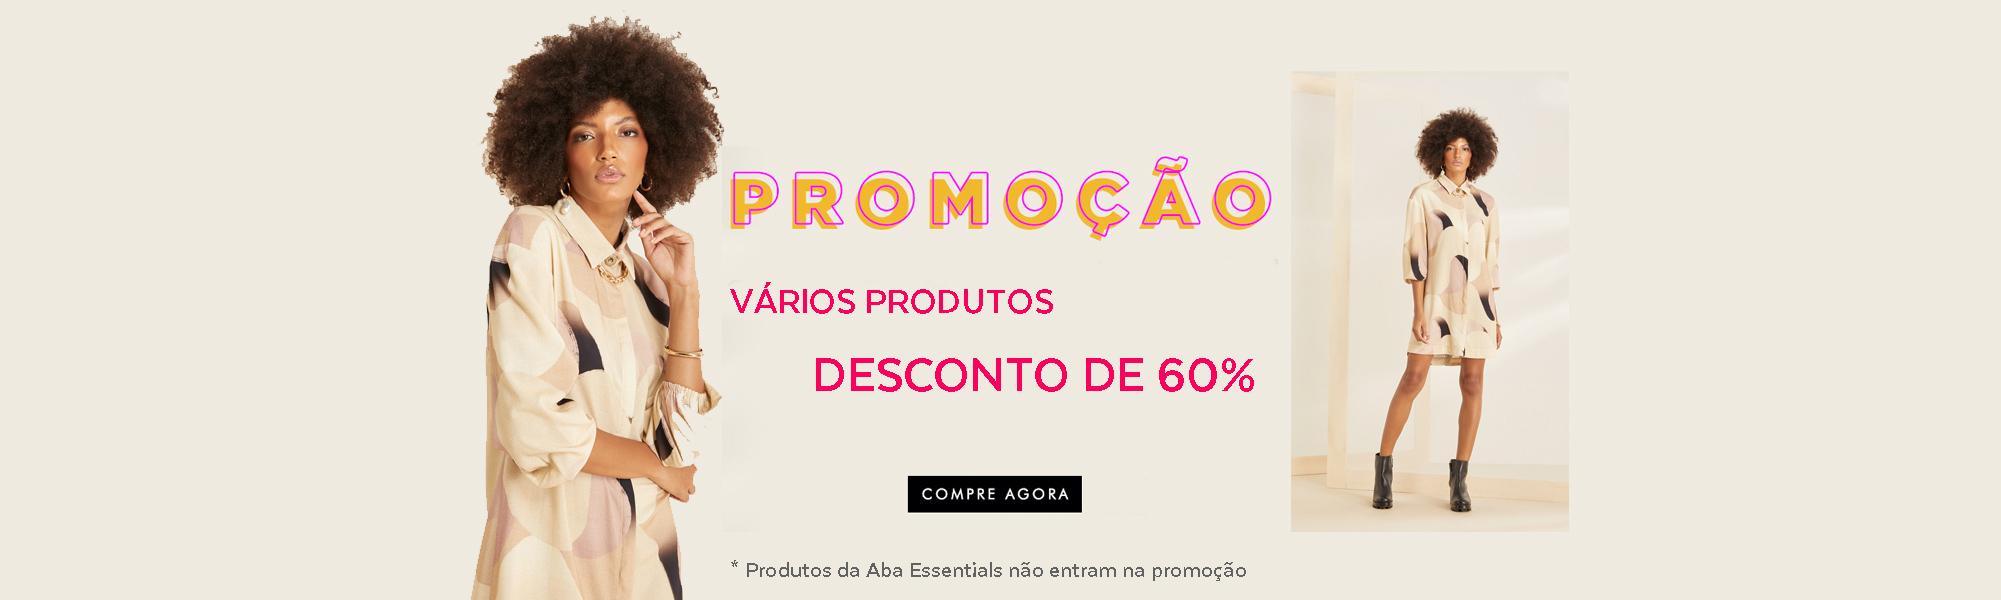 Promoção - Descontos de 60%